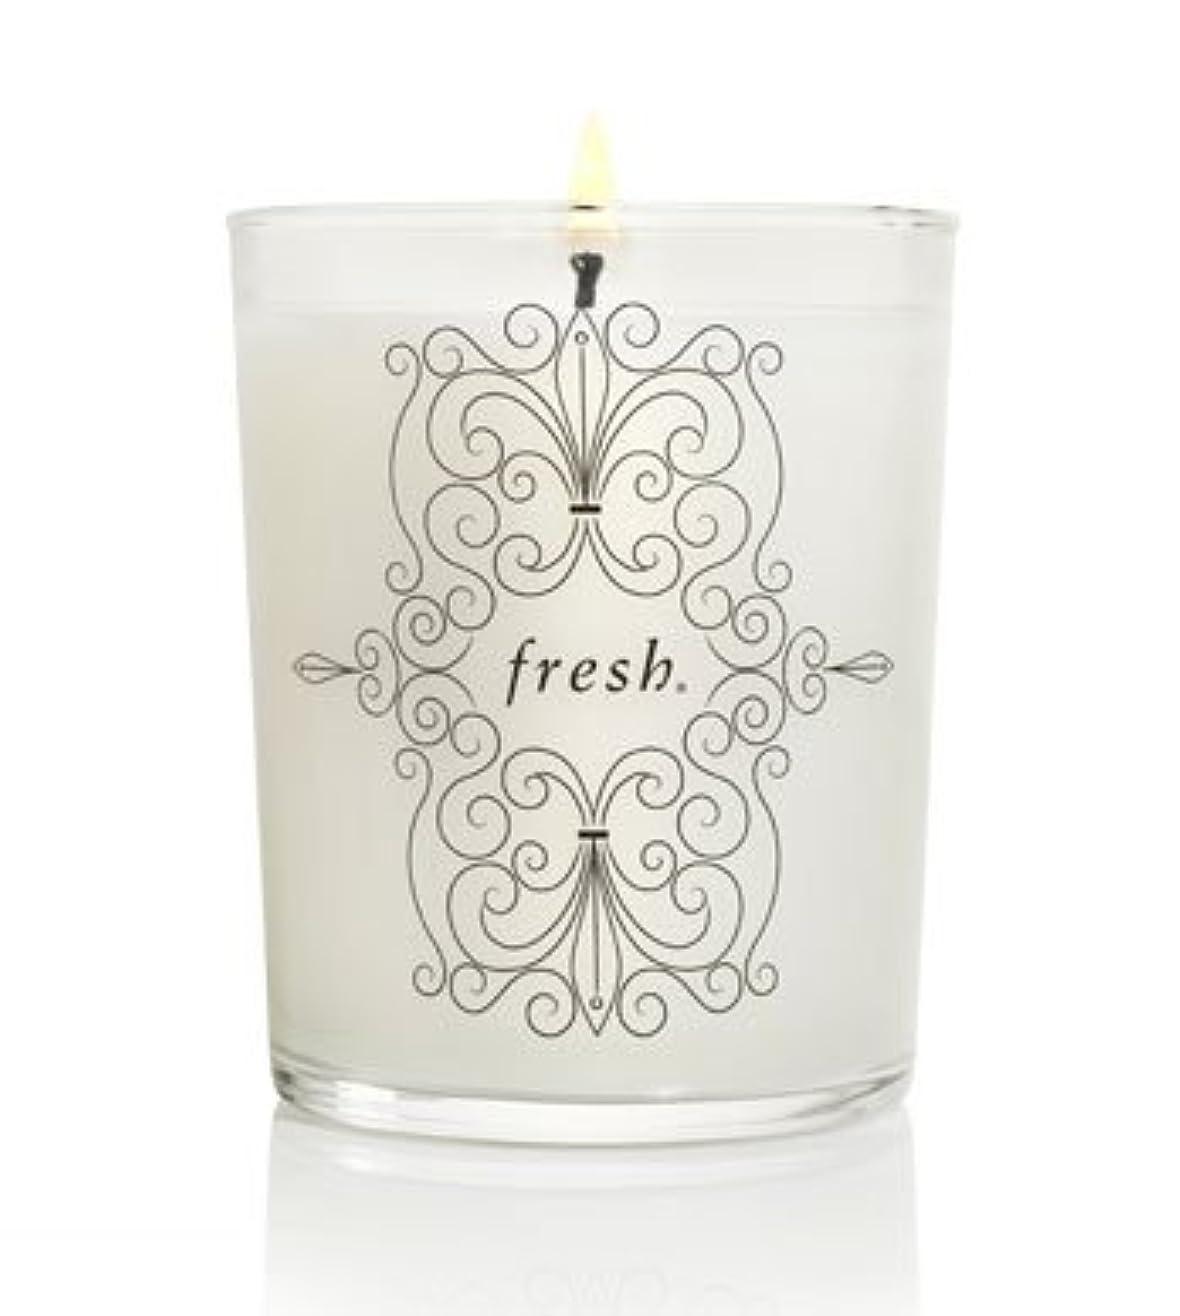 ロマンス好ましい詩Fresh CANNABIS SANTAL CANDLE (フレッシュ カナビスサンタル キャンドル) 7.5 oz (215g) by Fresh